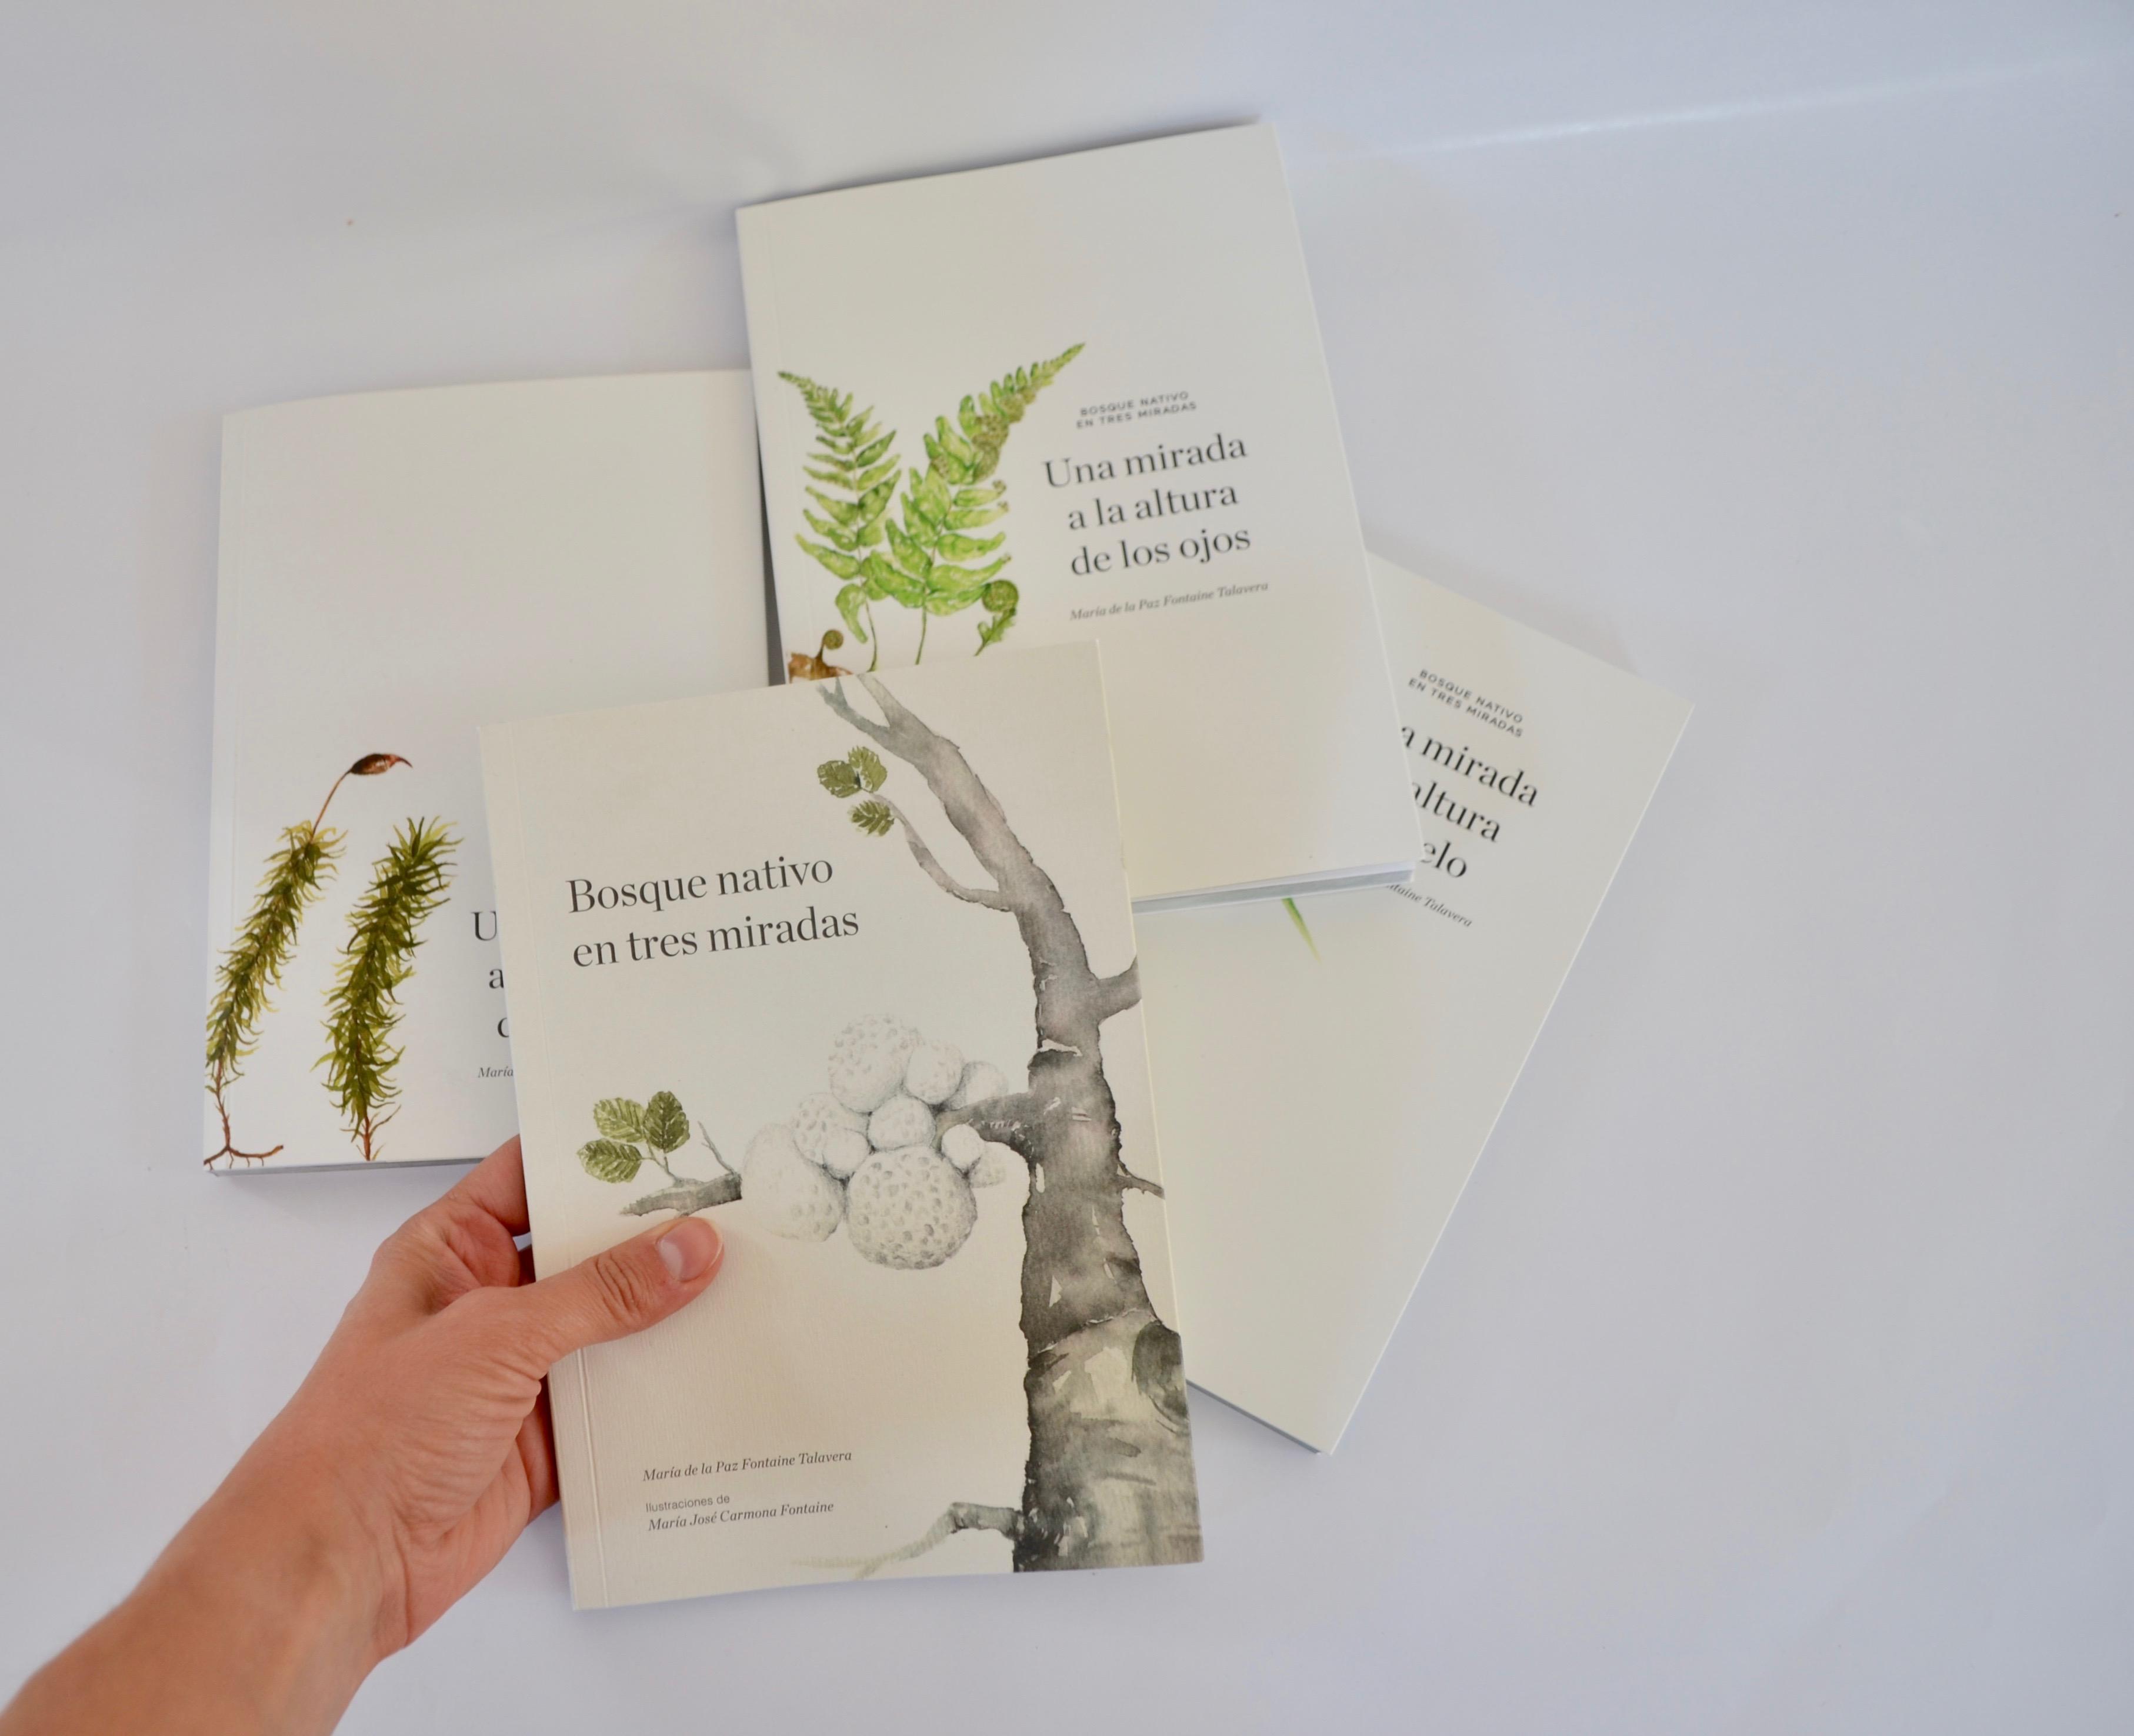 Libro   Bosque nativo en tres mirada